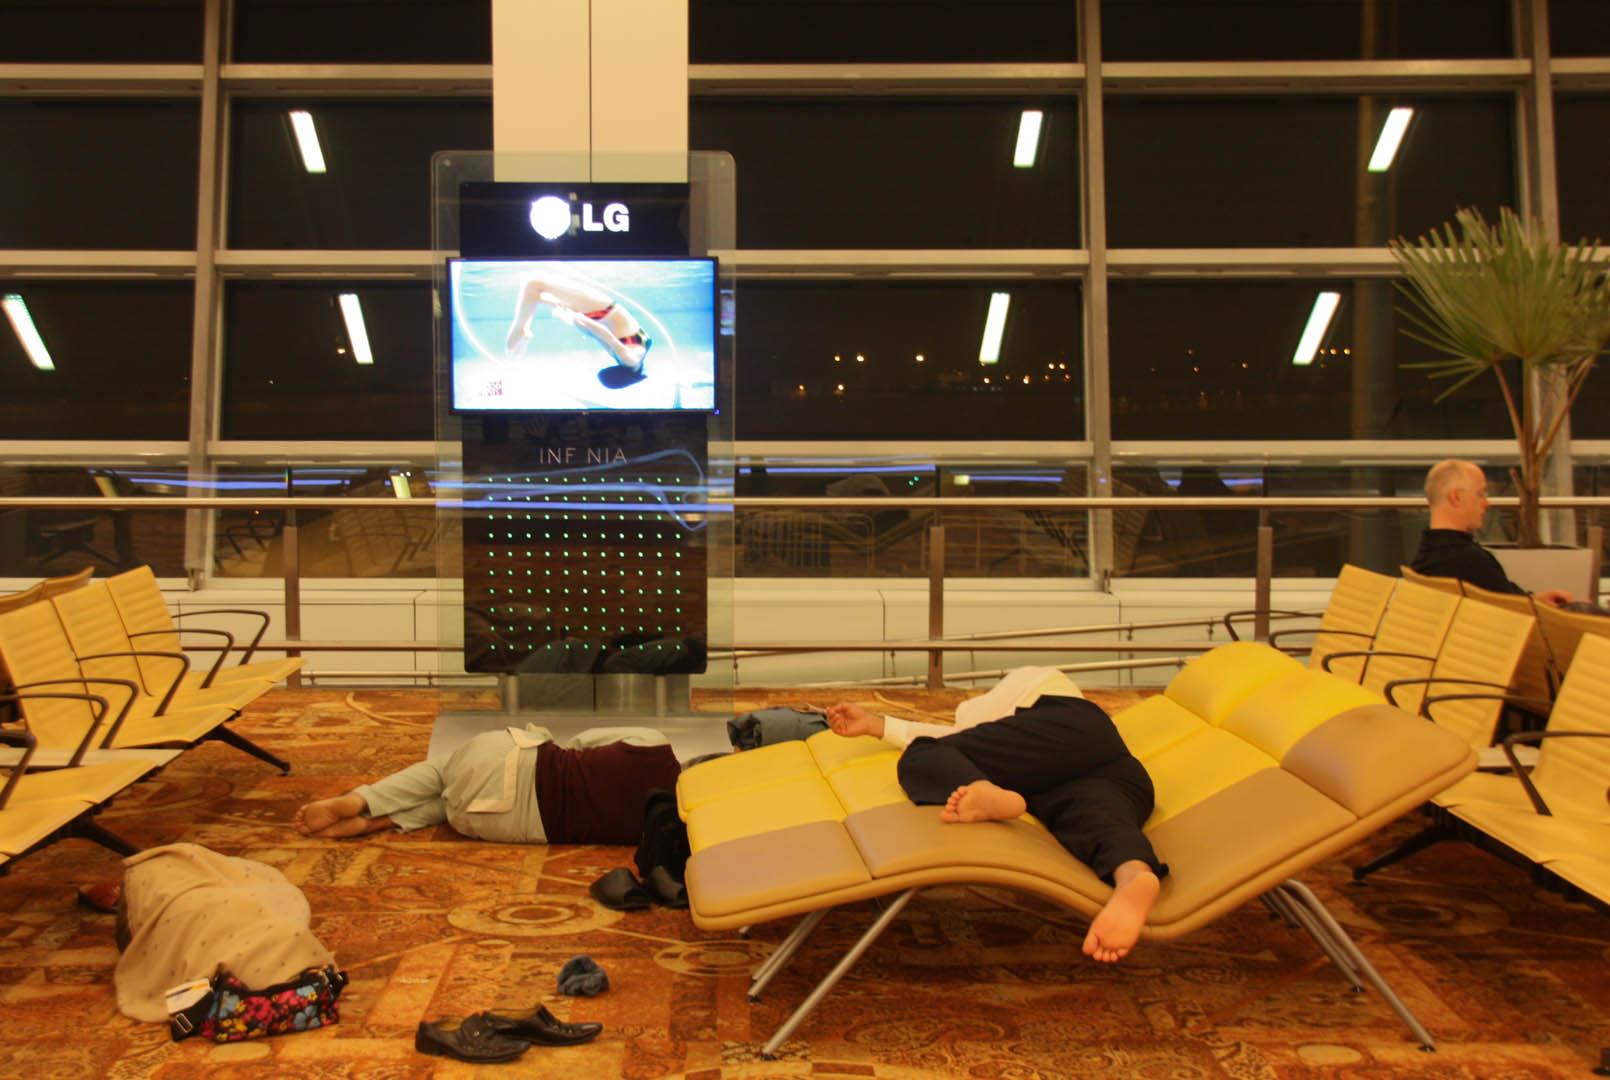 Schlafende am Delhi Airport